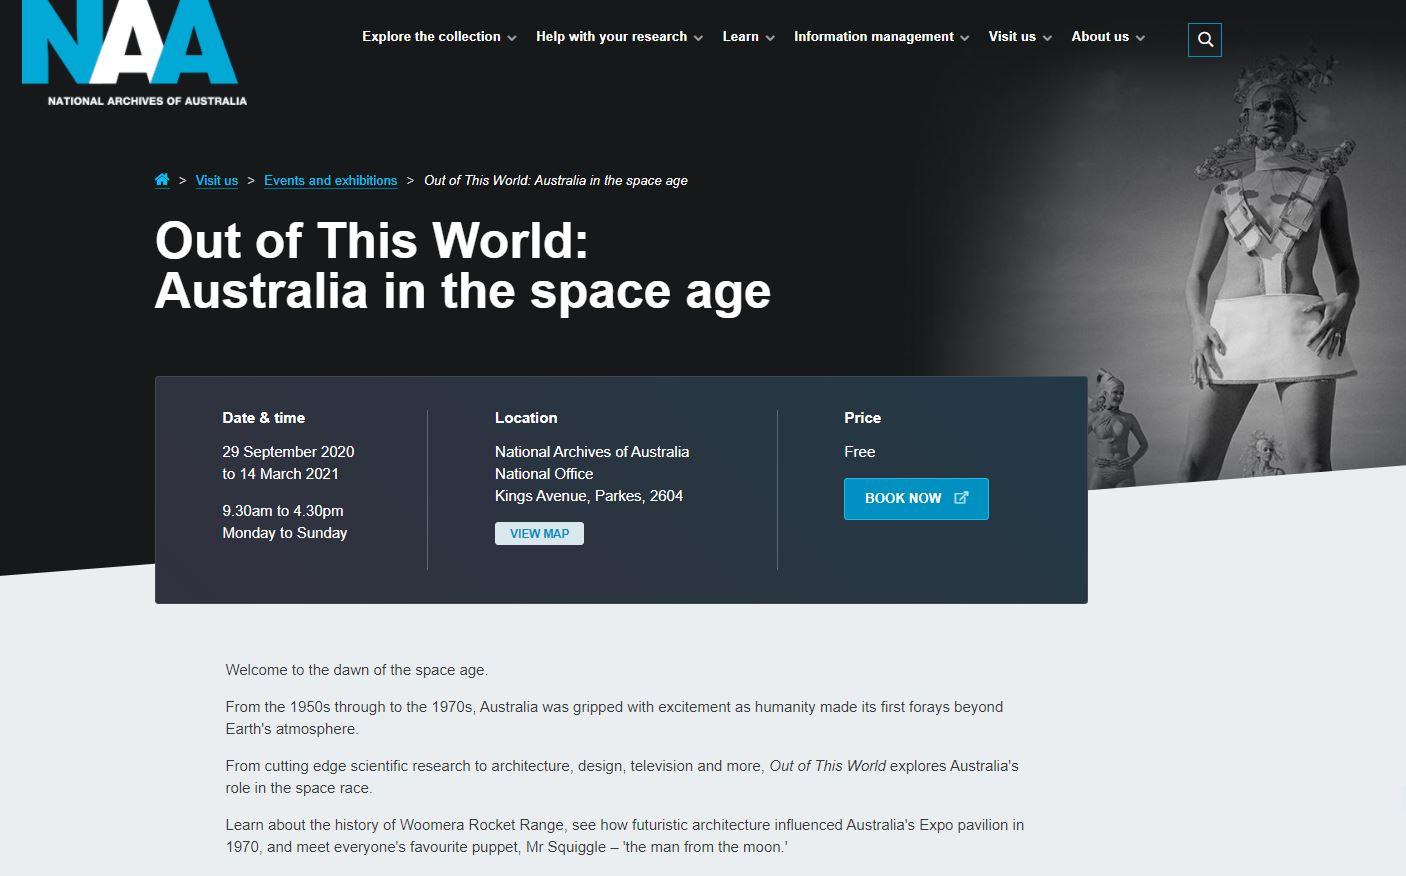 澳洲國家檔案館推出澳洲太空時代展